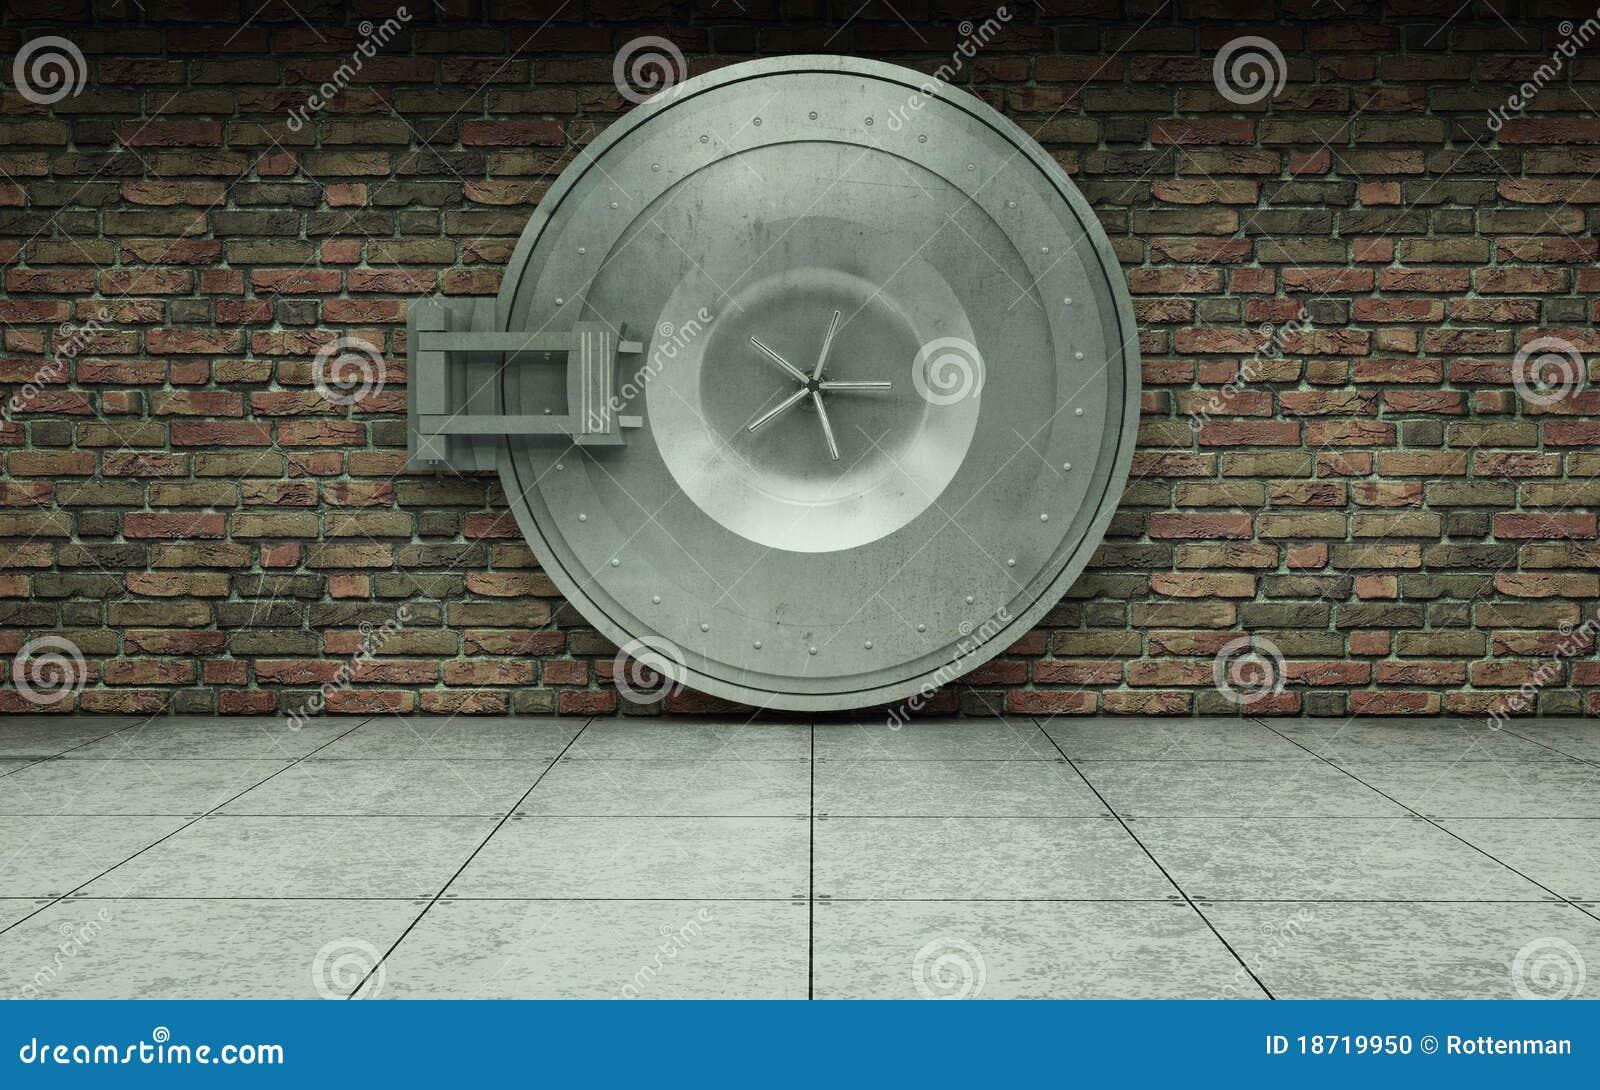 Bank Vault Door Stock Photo Image 18719950